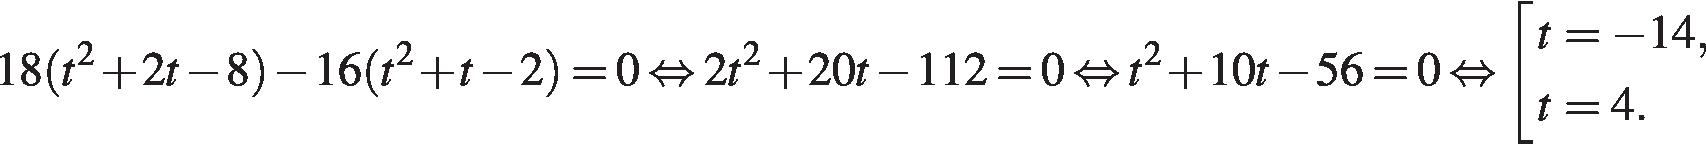 http://sdamgia.ru/formula/14/14a16501959d89b34559e734f505a3c4p.png